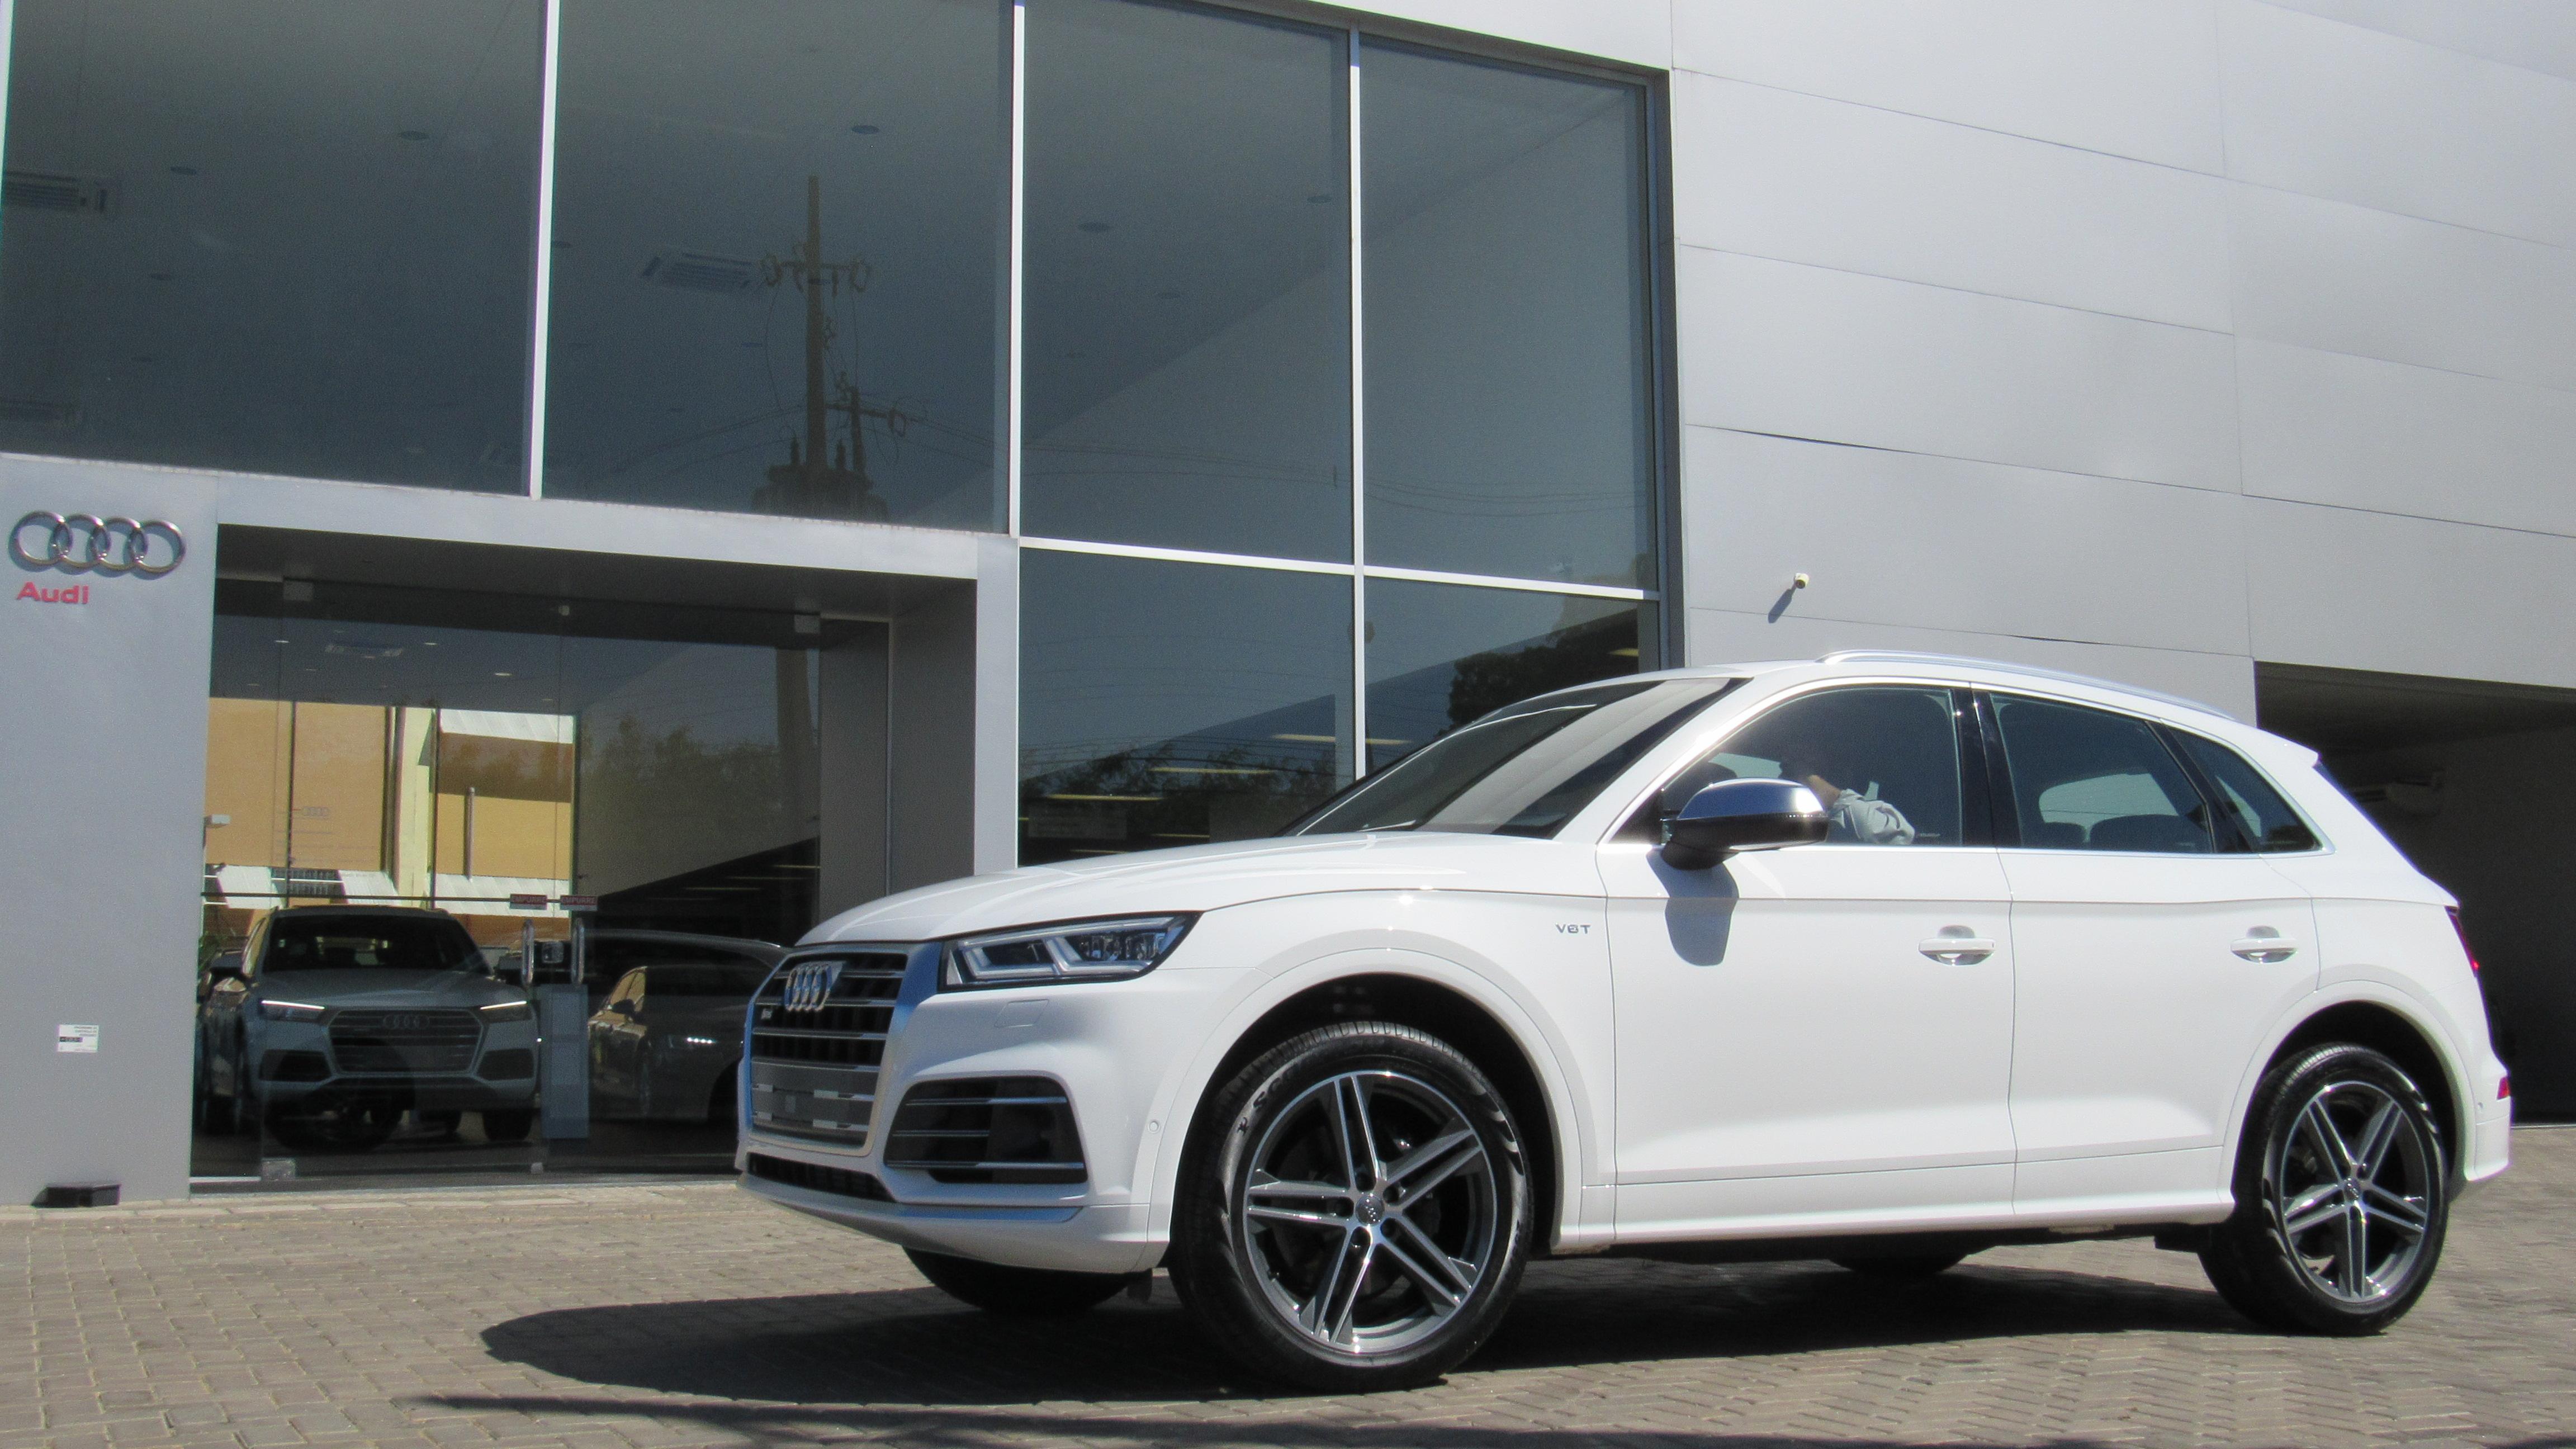 Pela quarta vez, Audi conquista o prêmio Empresas que mais respeitam o Consumidor